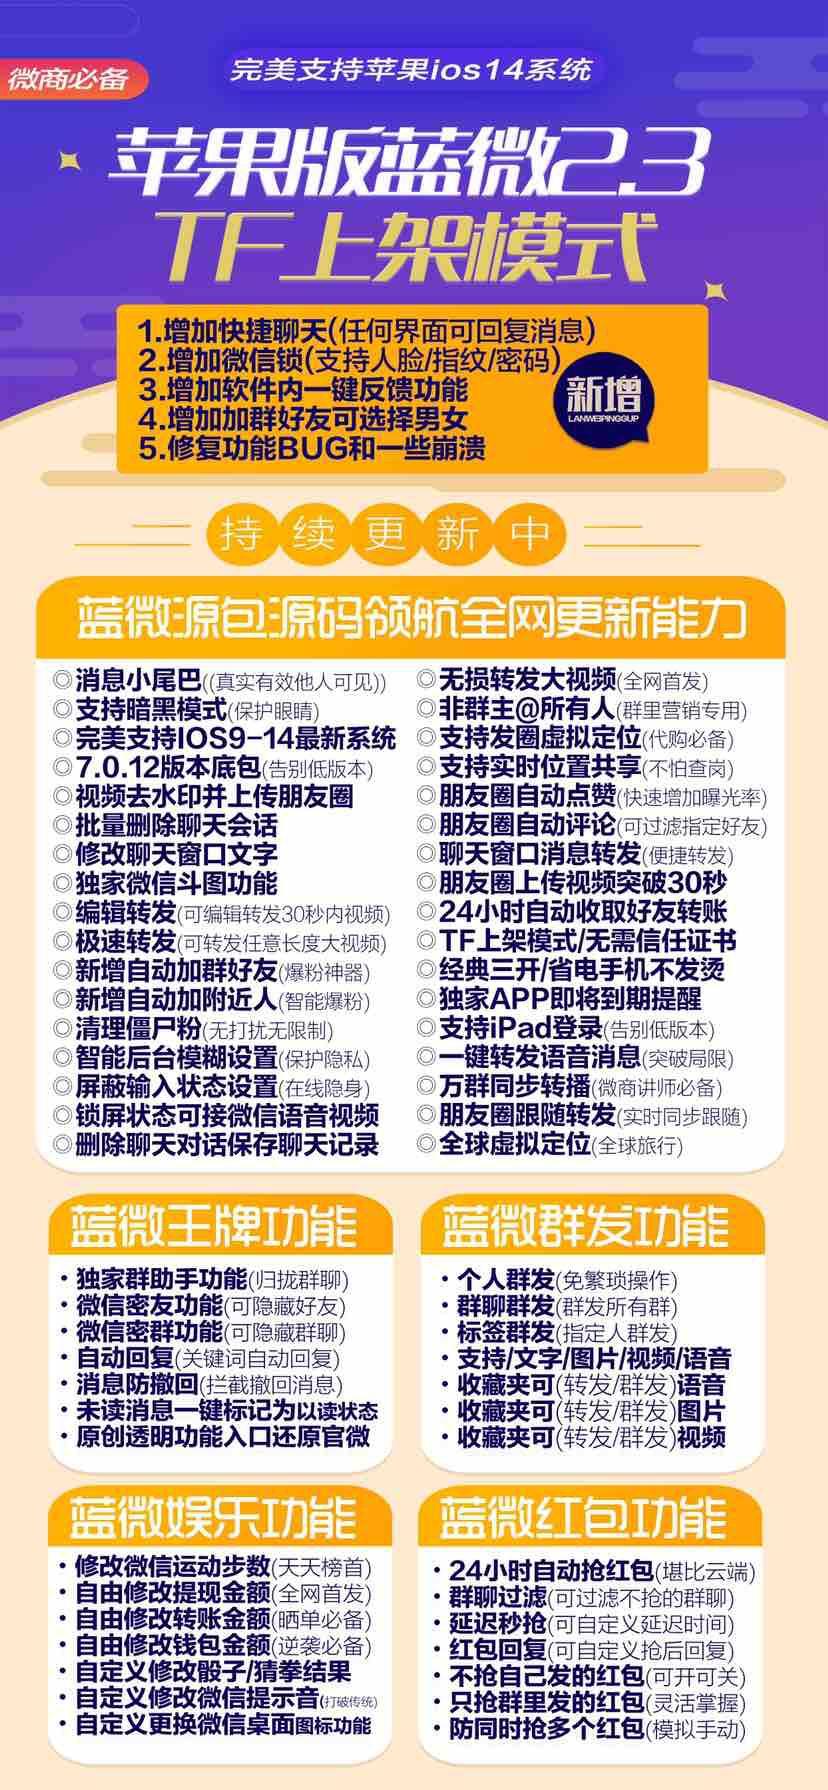 【苹果蓝微官网下载激活授权码】苹果微信多开分身下载使用教程